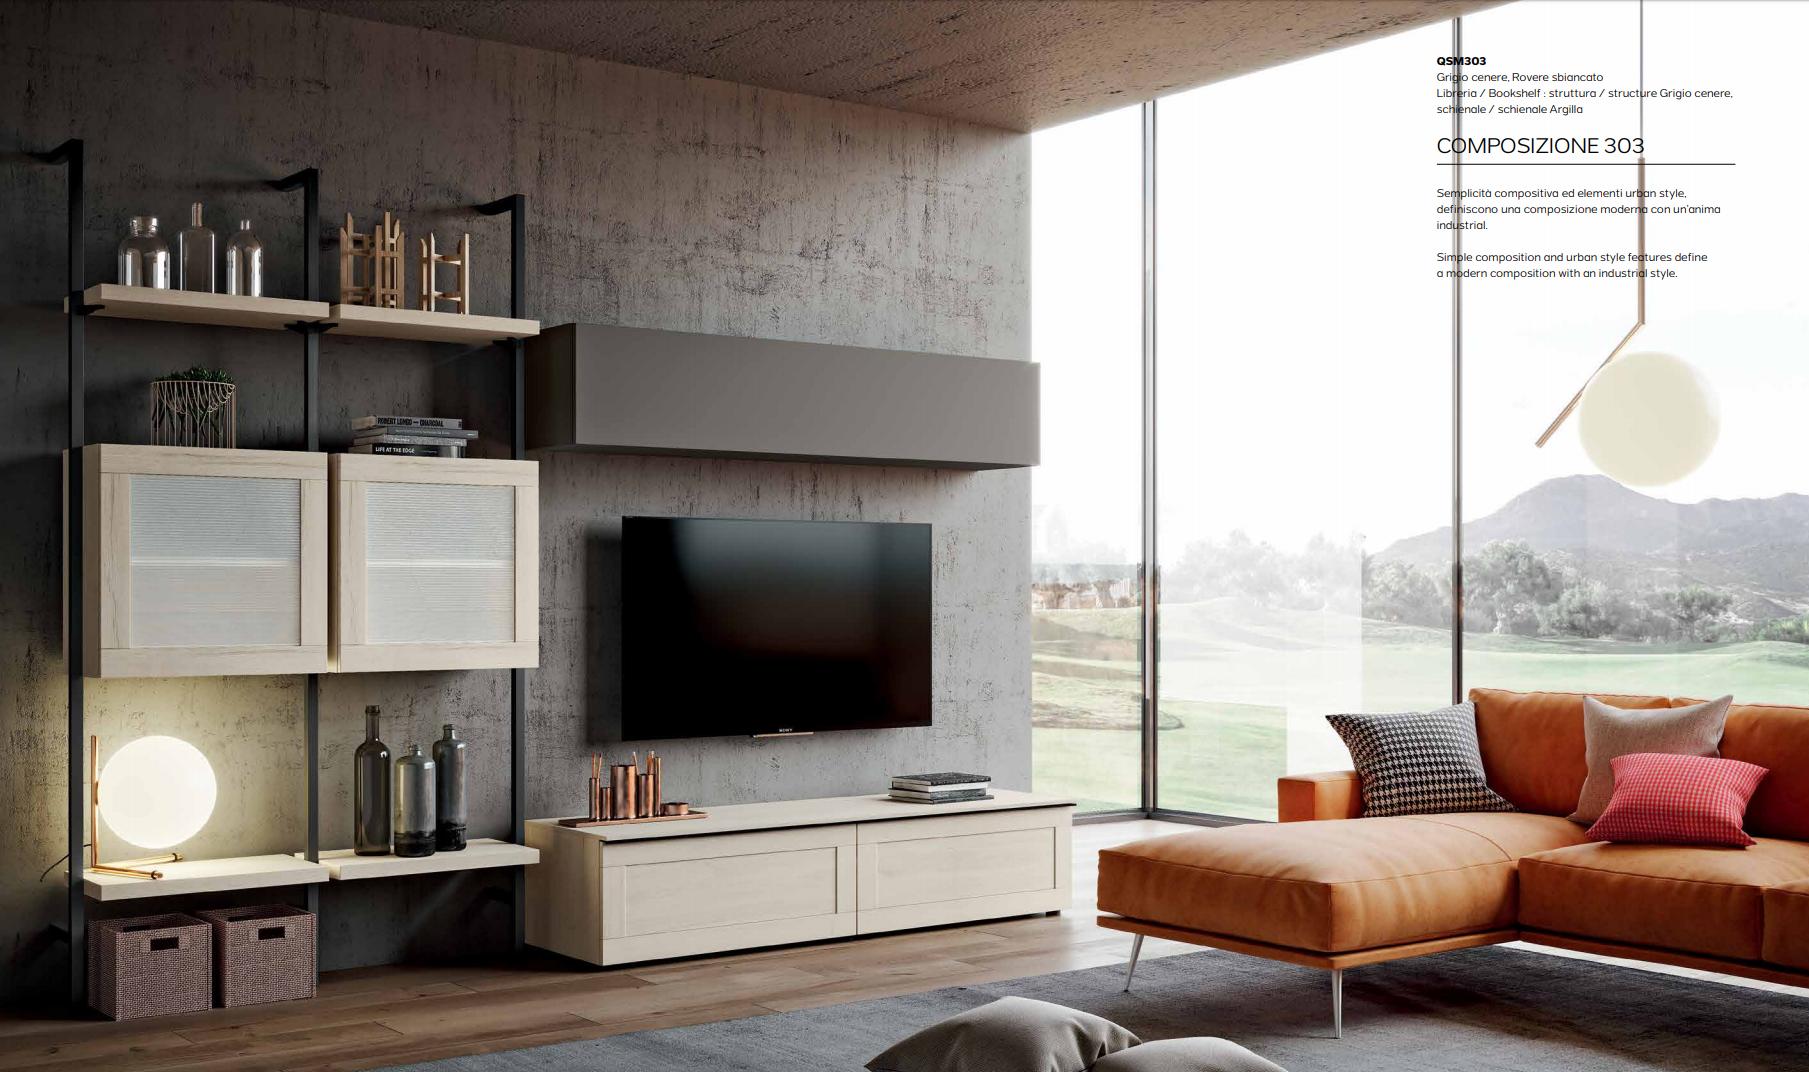 Parete Soggiorno Moderno Porta TV Mito 4.0 Imab - Comp.303 € 1690.00 ...